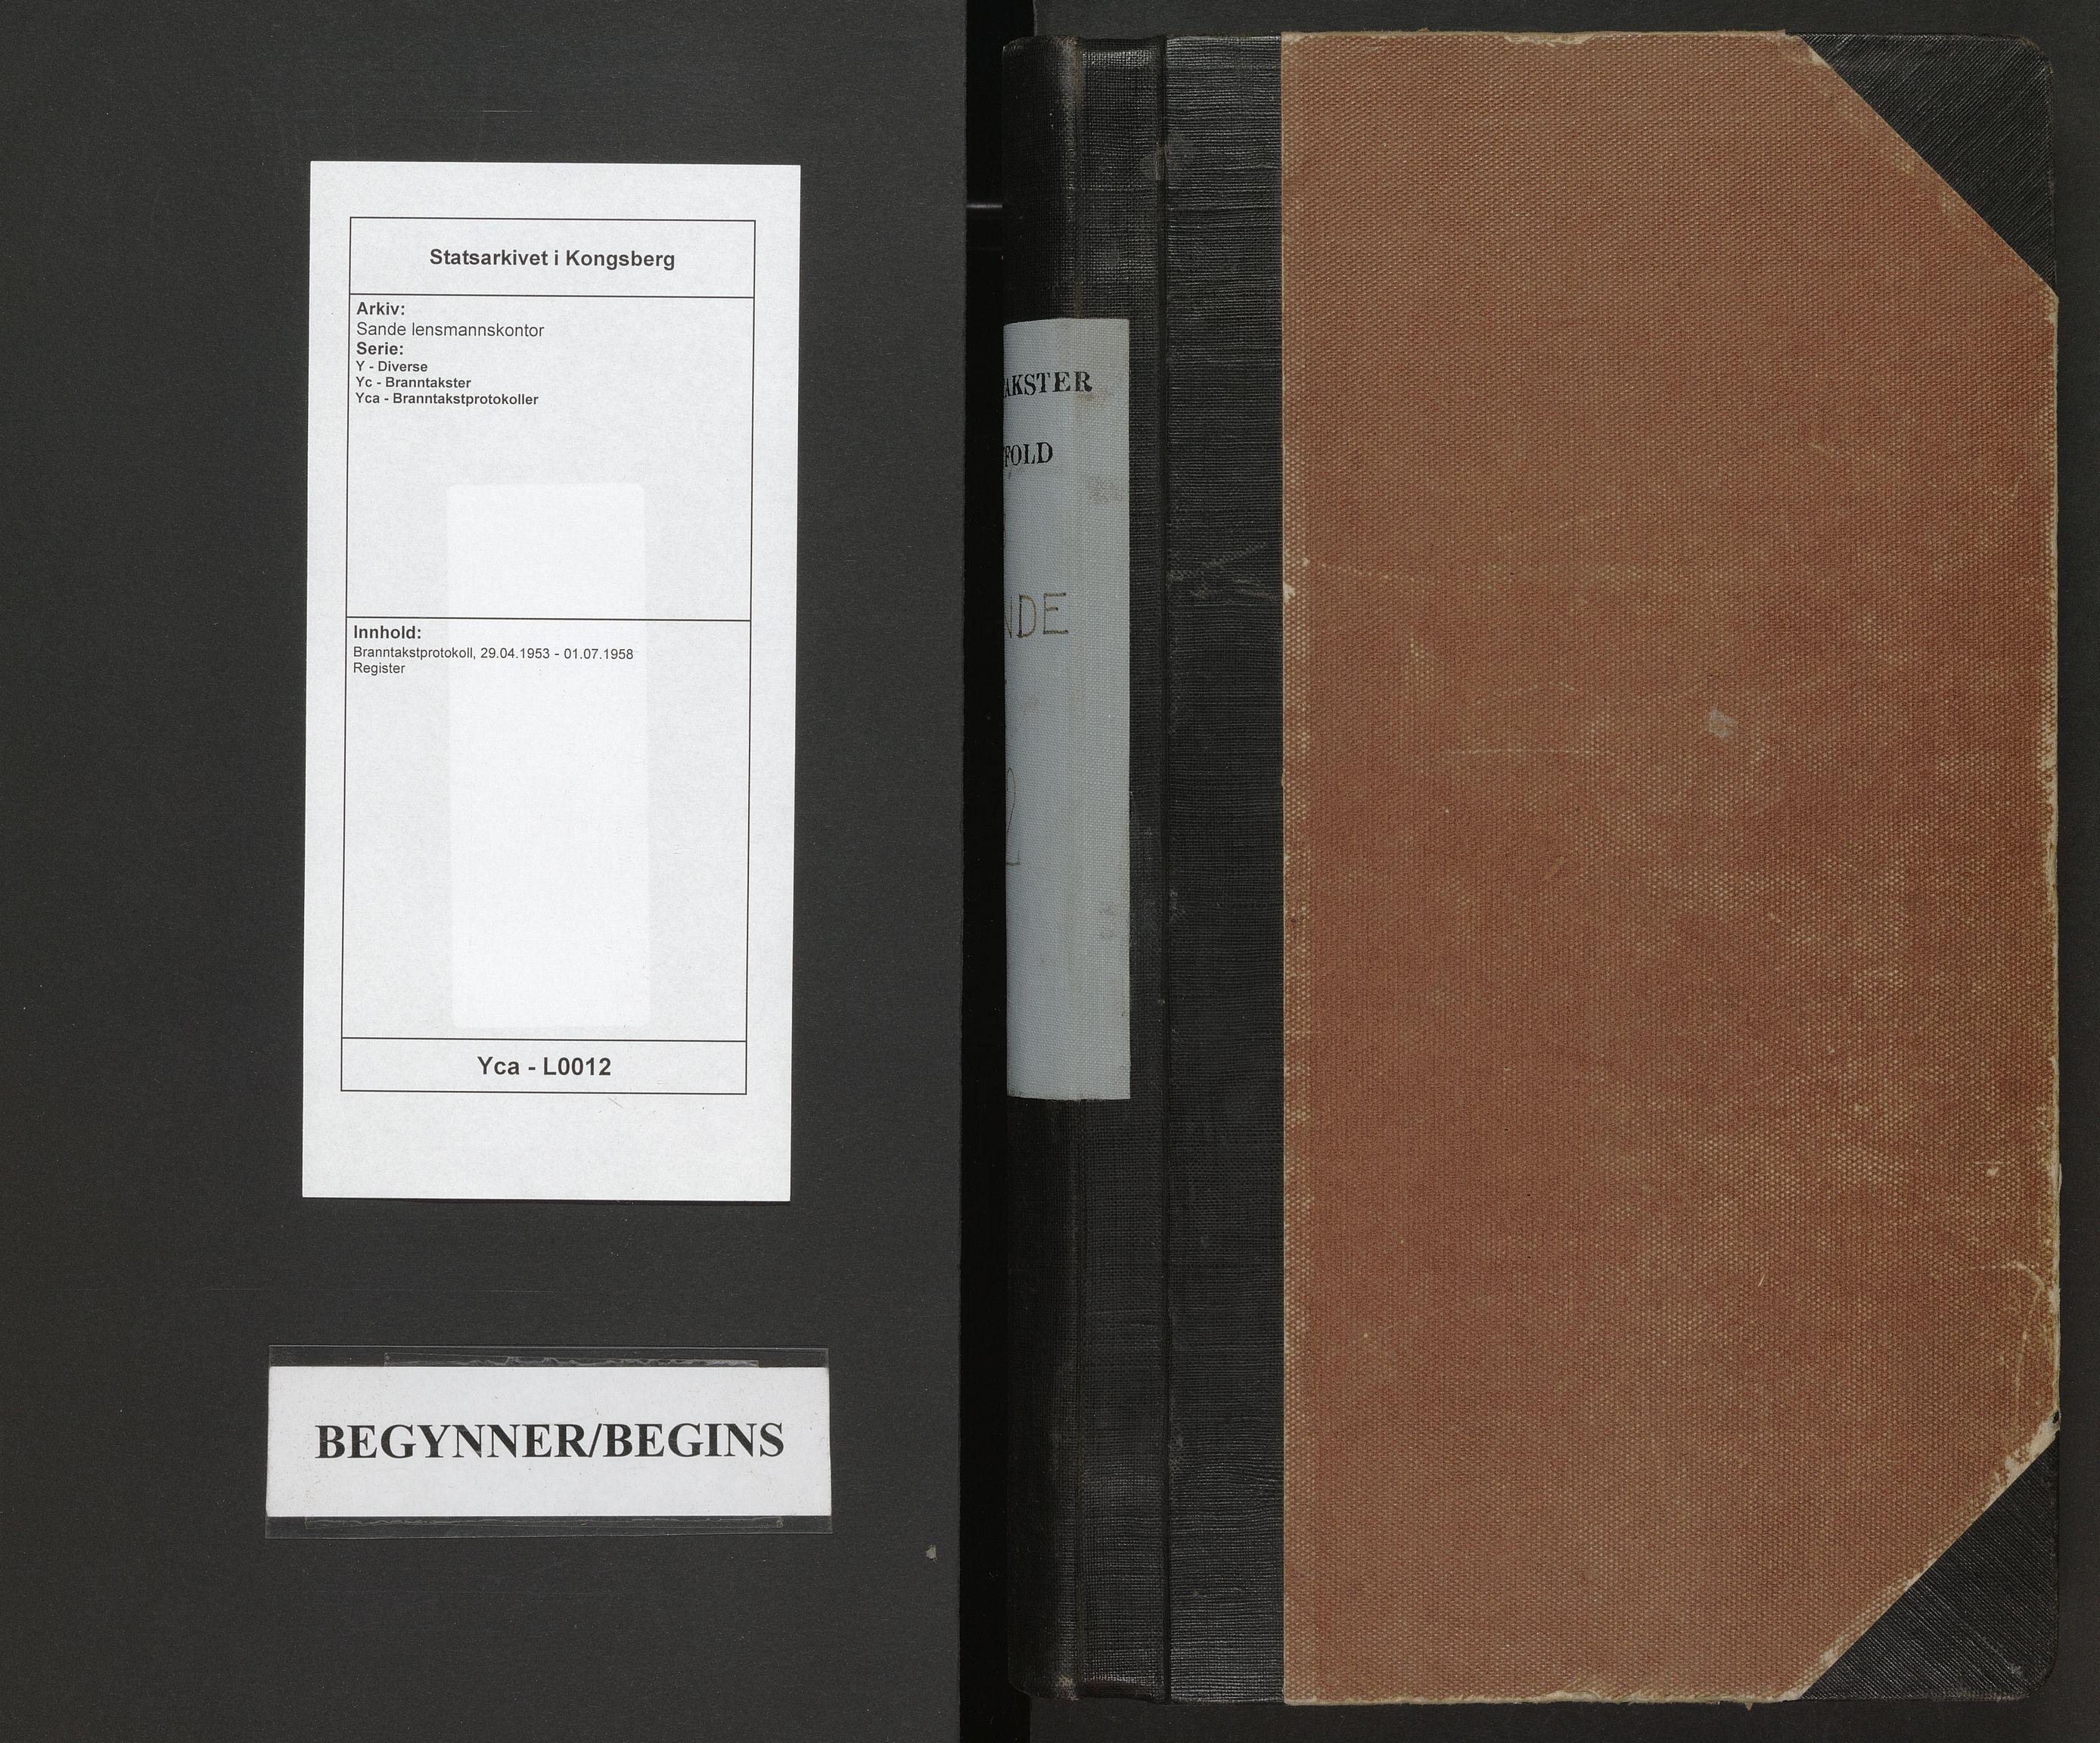 SAKO, Sande lensmannskontor, Y/Yc/Yca/L0012: Branntakstprotokoll, 1953-1958